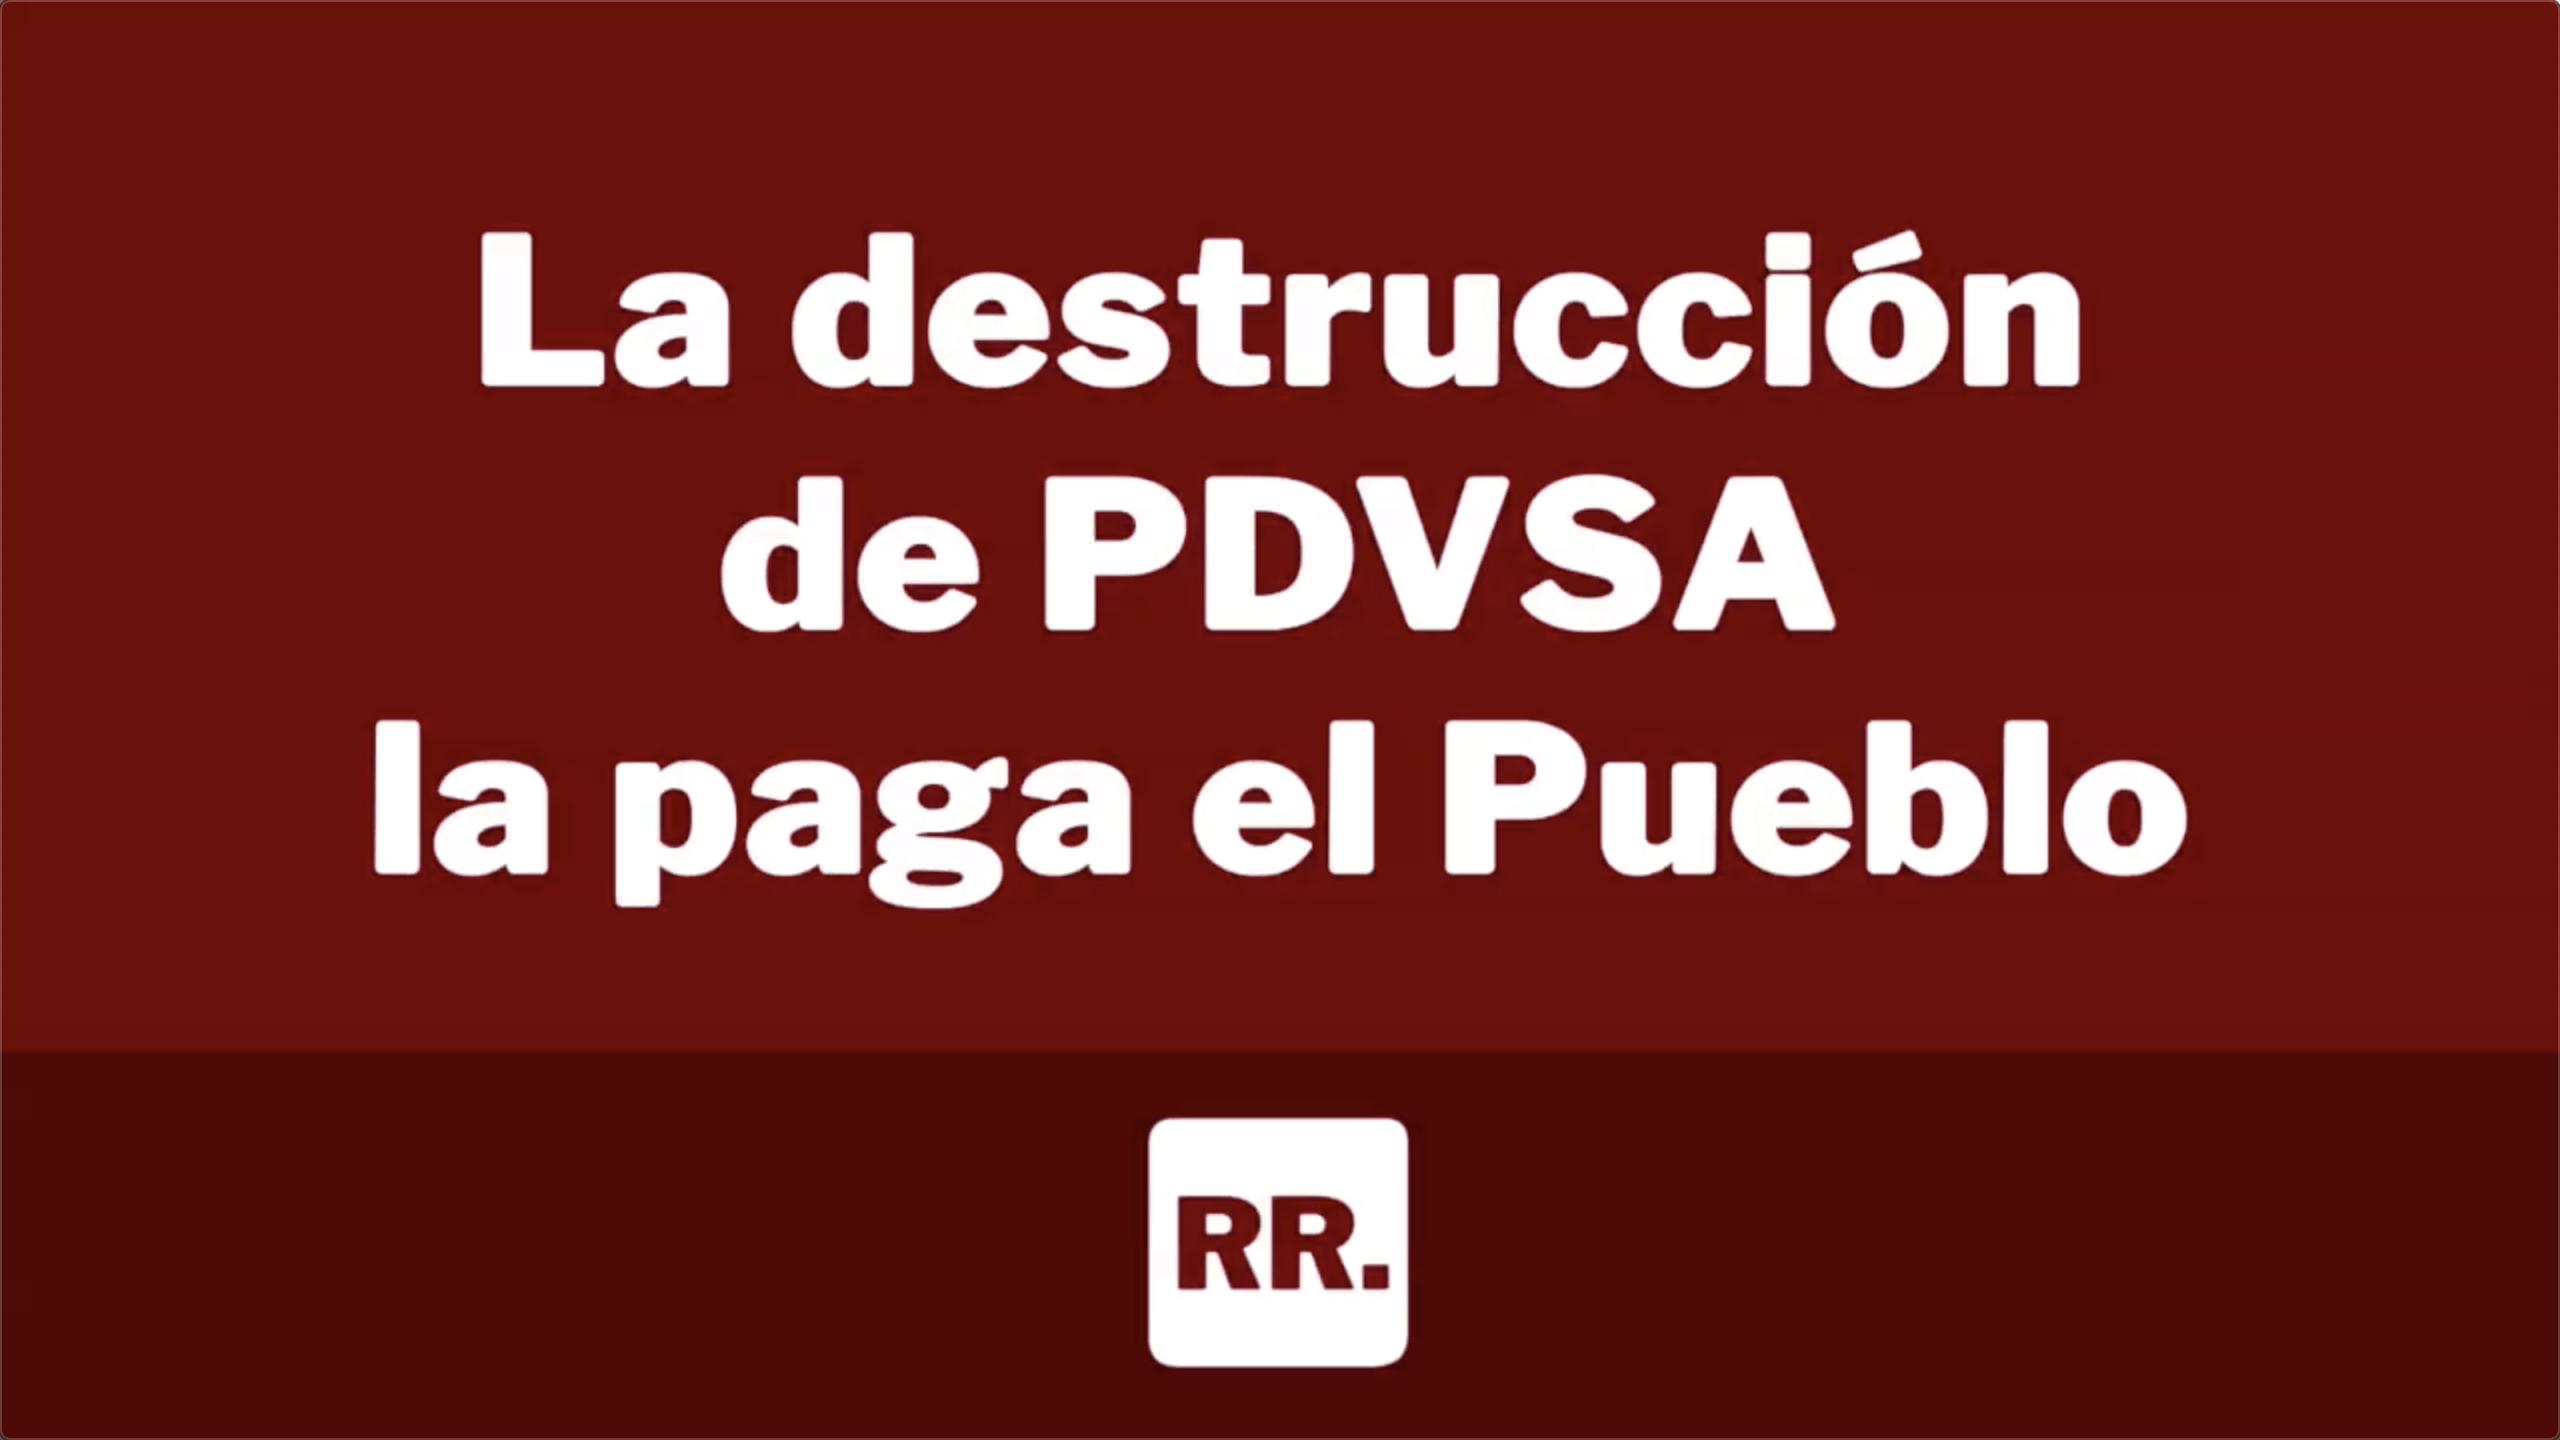 La destrucción de PDVSA la paga el Pueblo